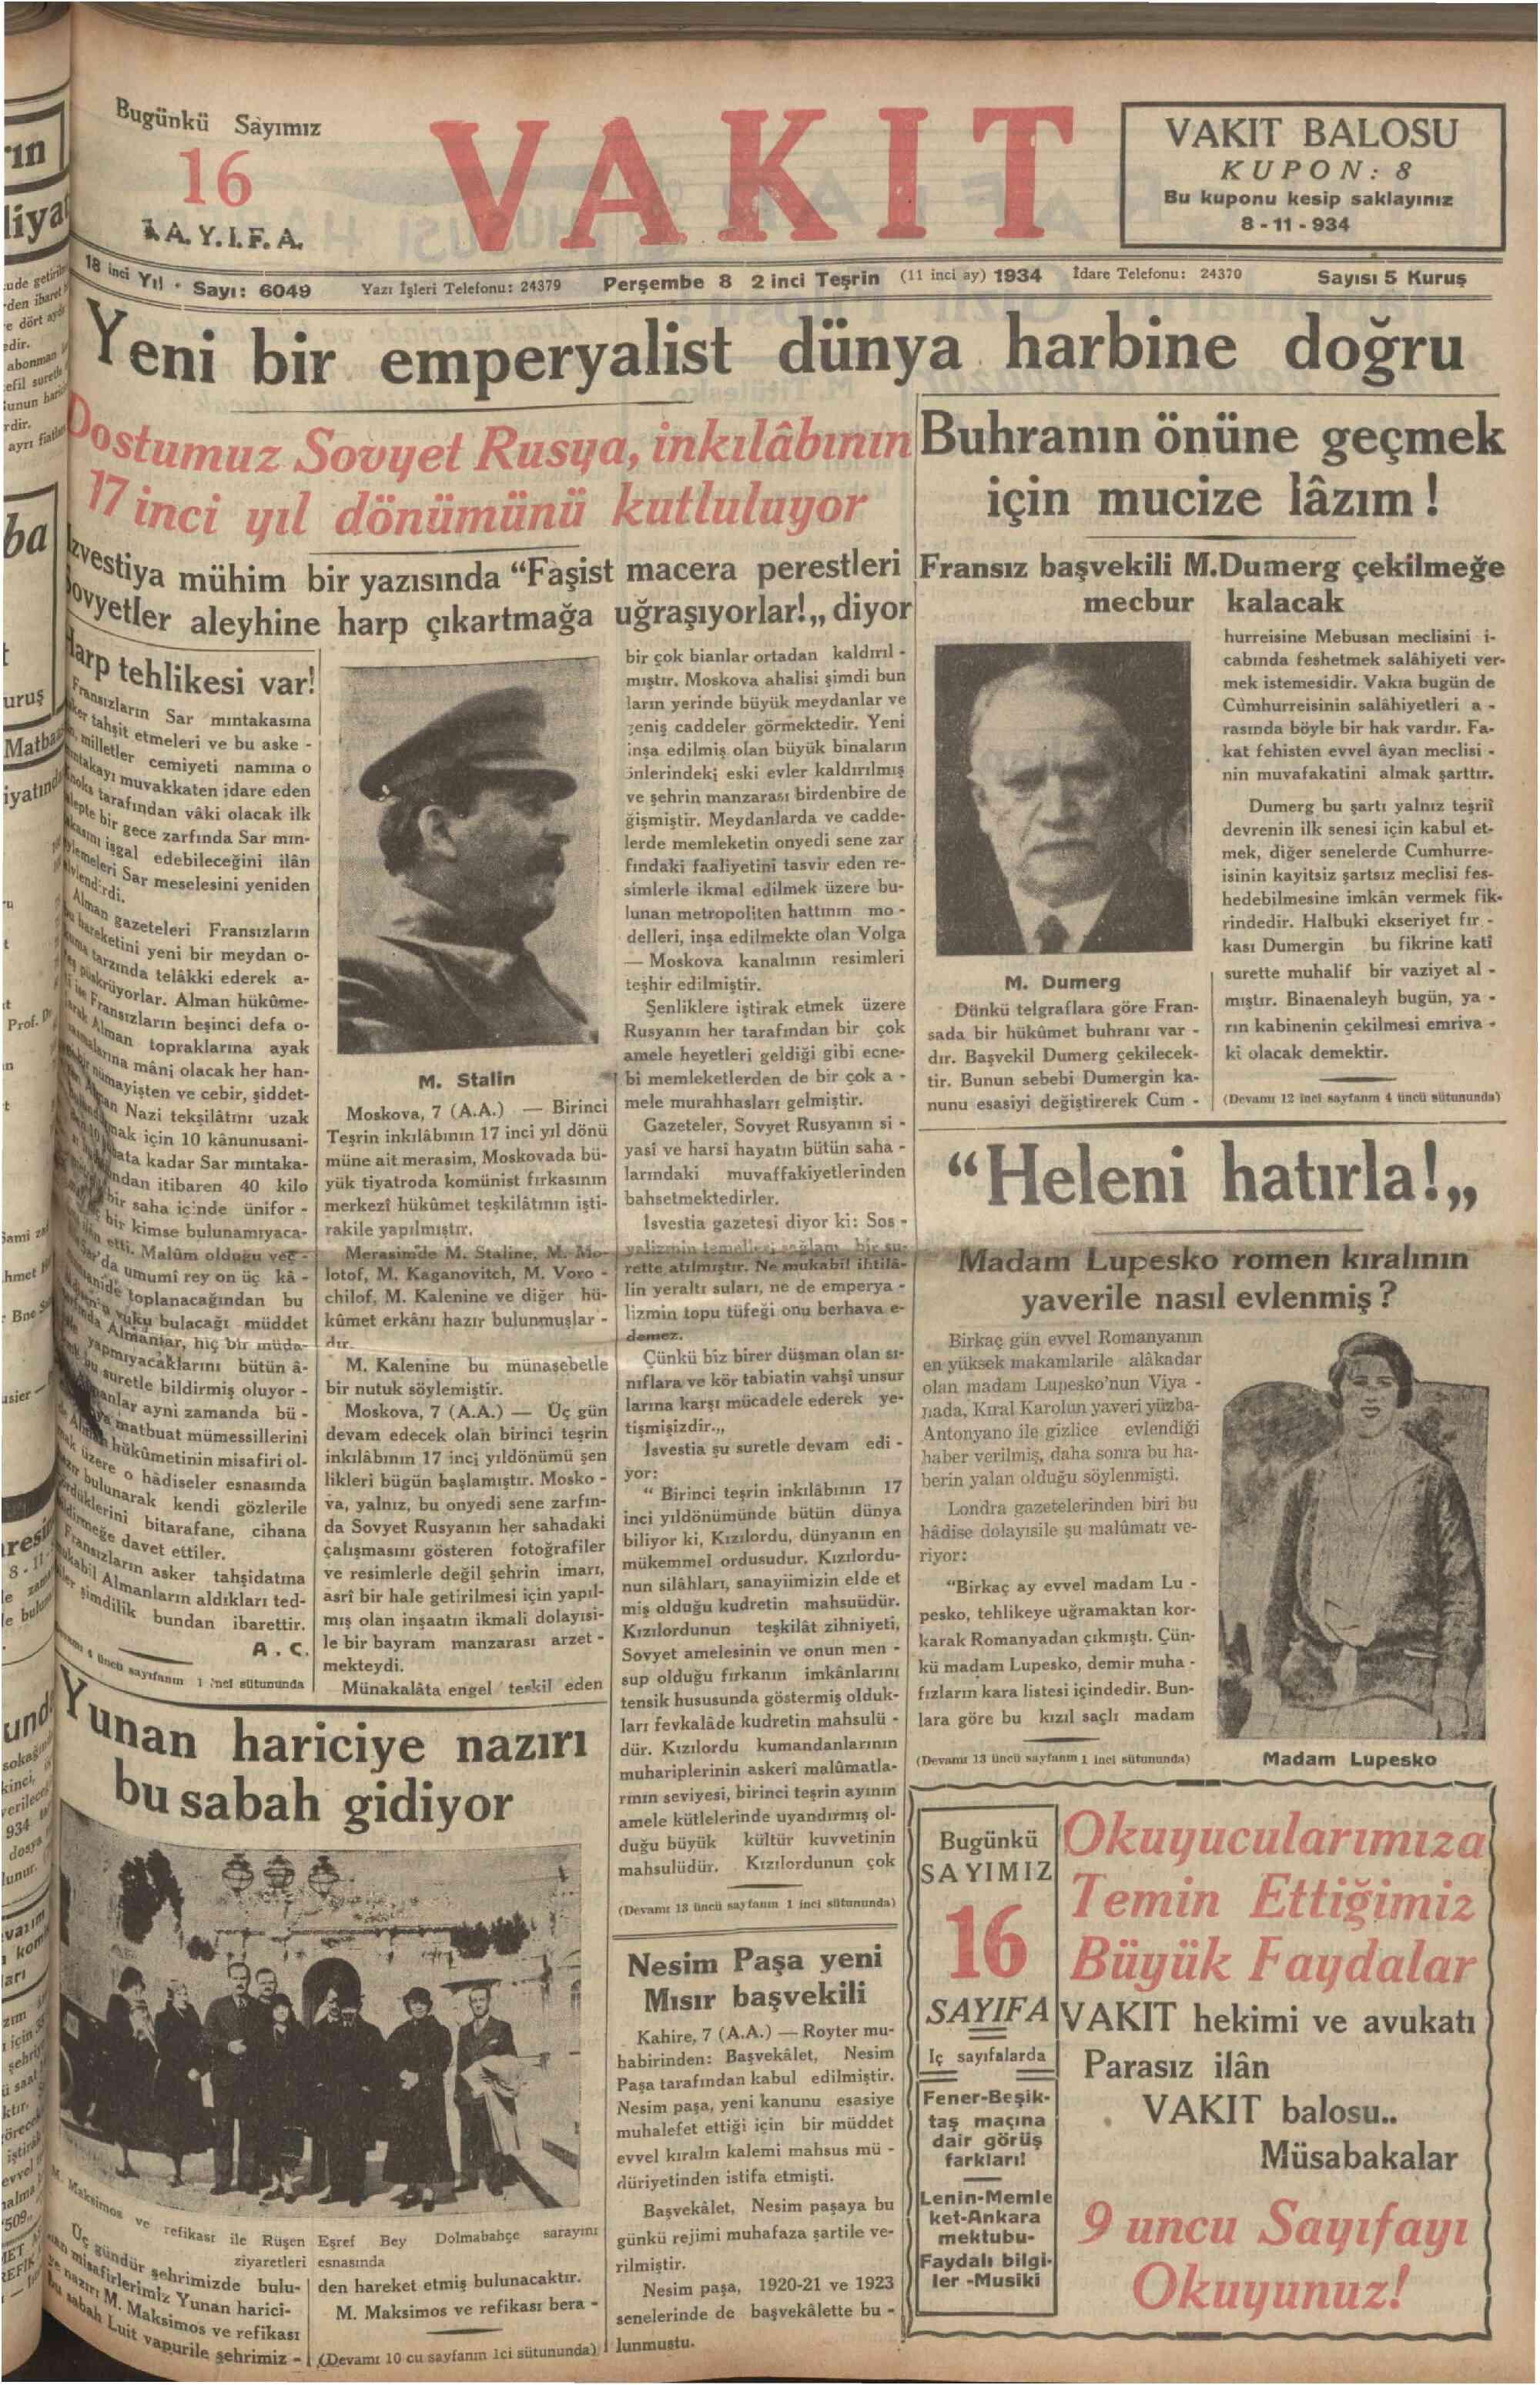 8 Kasım 1934 Tarihli Vakit Dergisi Sayfa 1